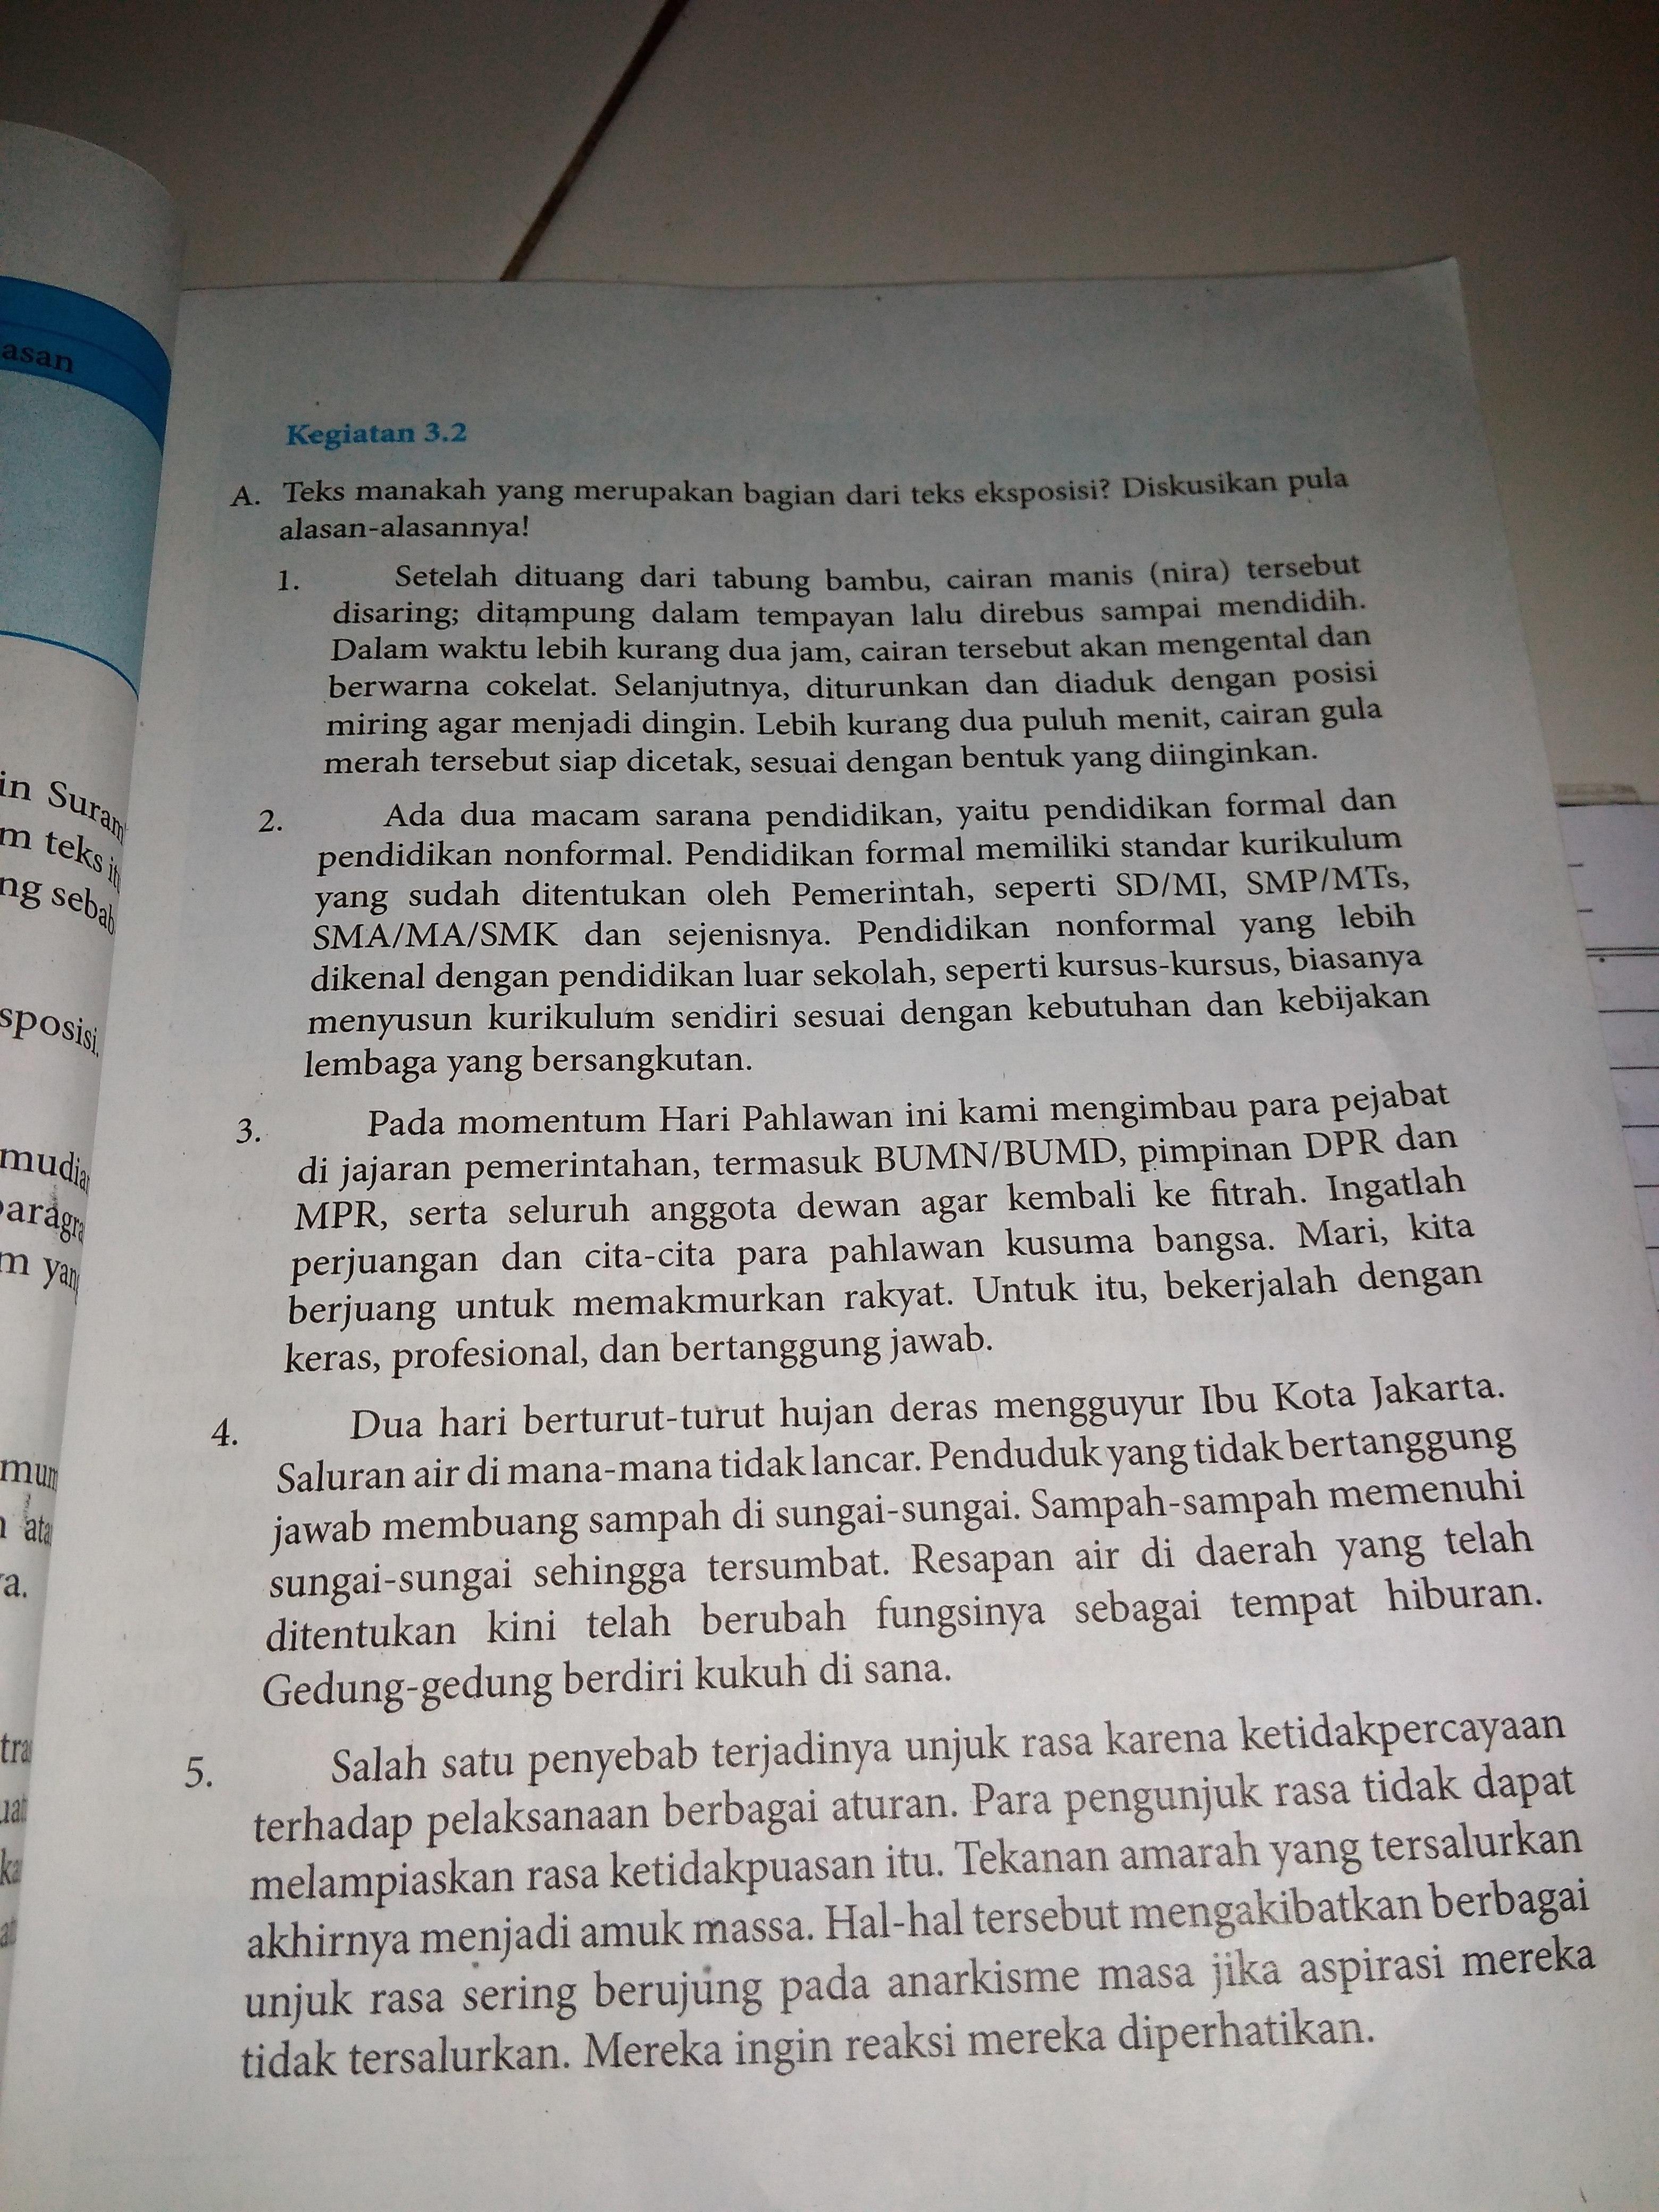 Plis Kerjakan Tabel Kegiatan 3 2 Bahasa Indonesia Kelas 8